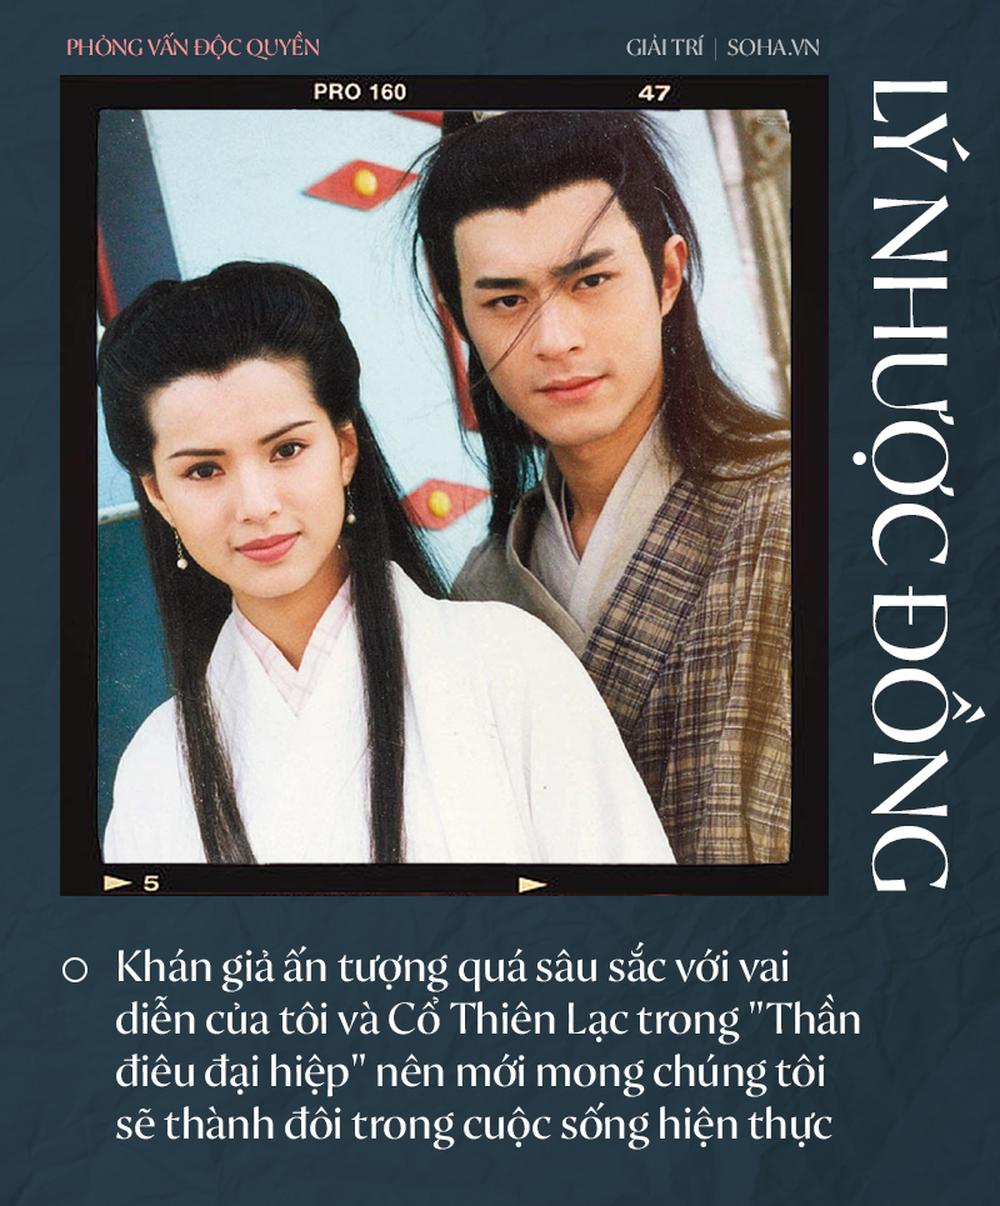 Lý Nhược Đồng nói về tình cảm dành cho Dương Quá, Cổ Thiên Lạc và người đặc biệt Châu Tinh Trì - Ảnh 7.